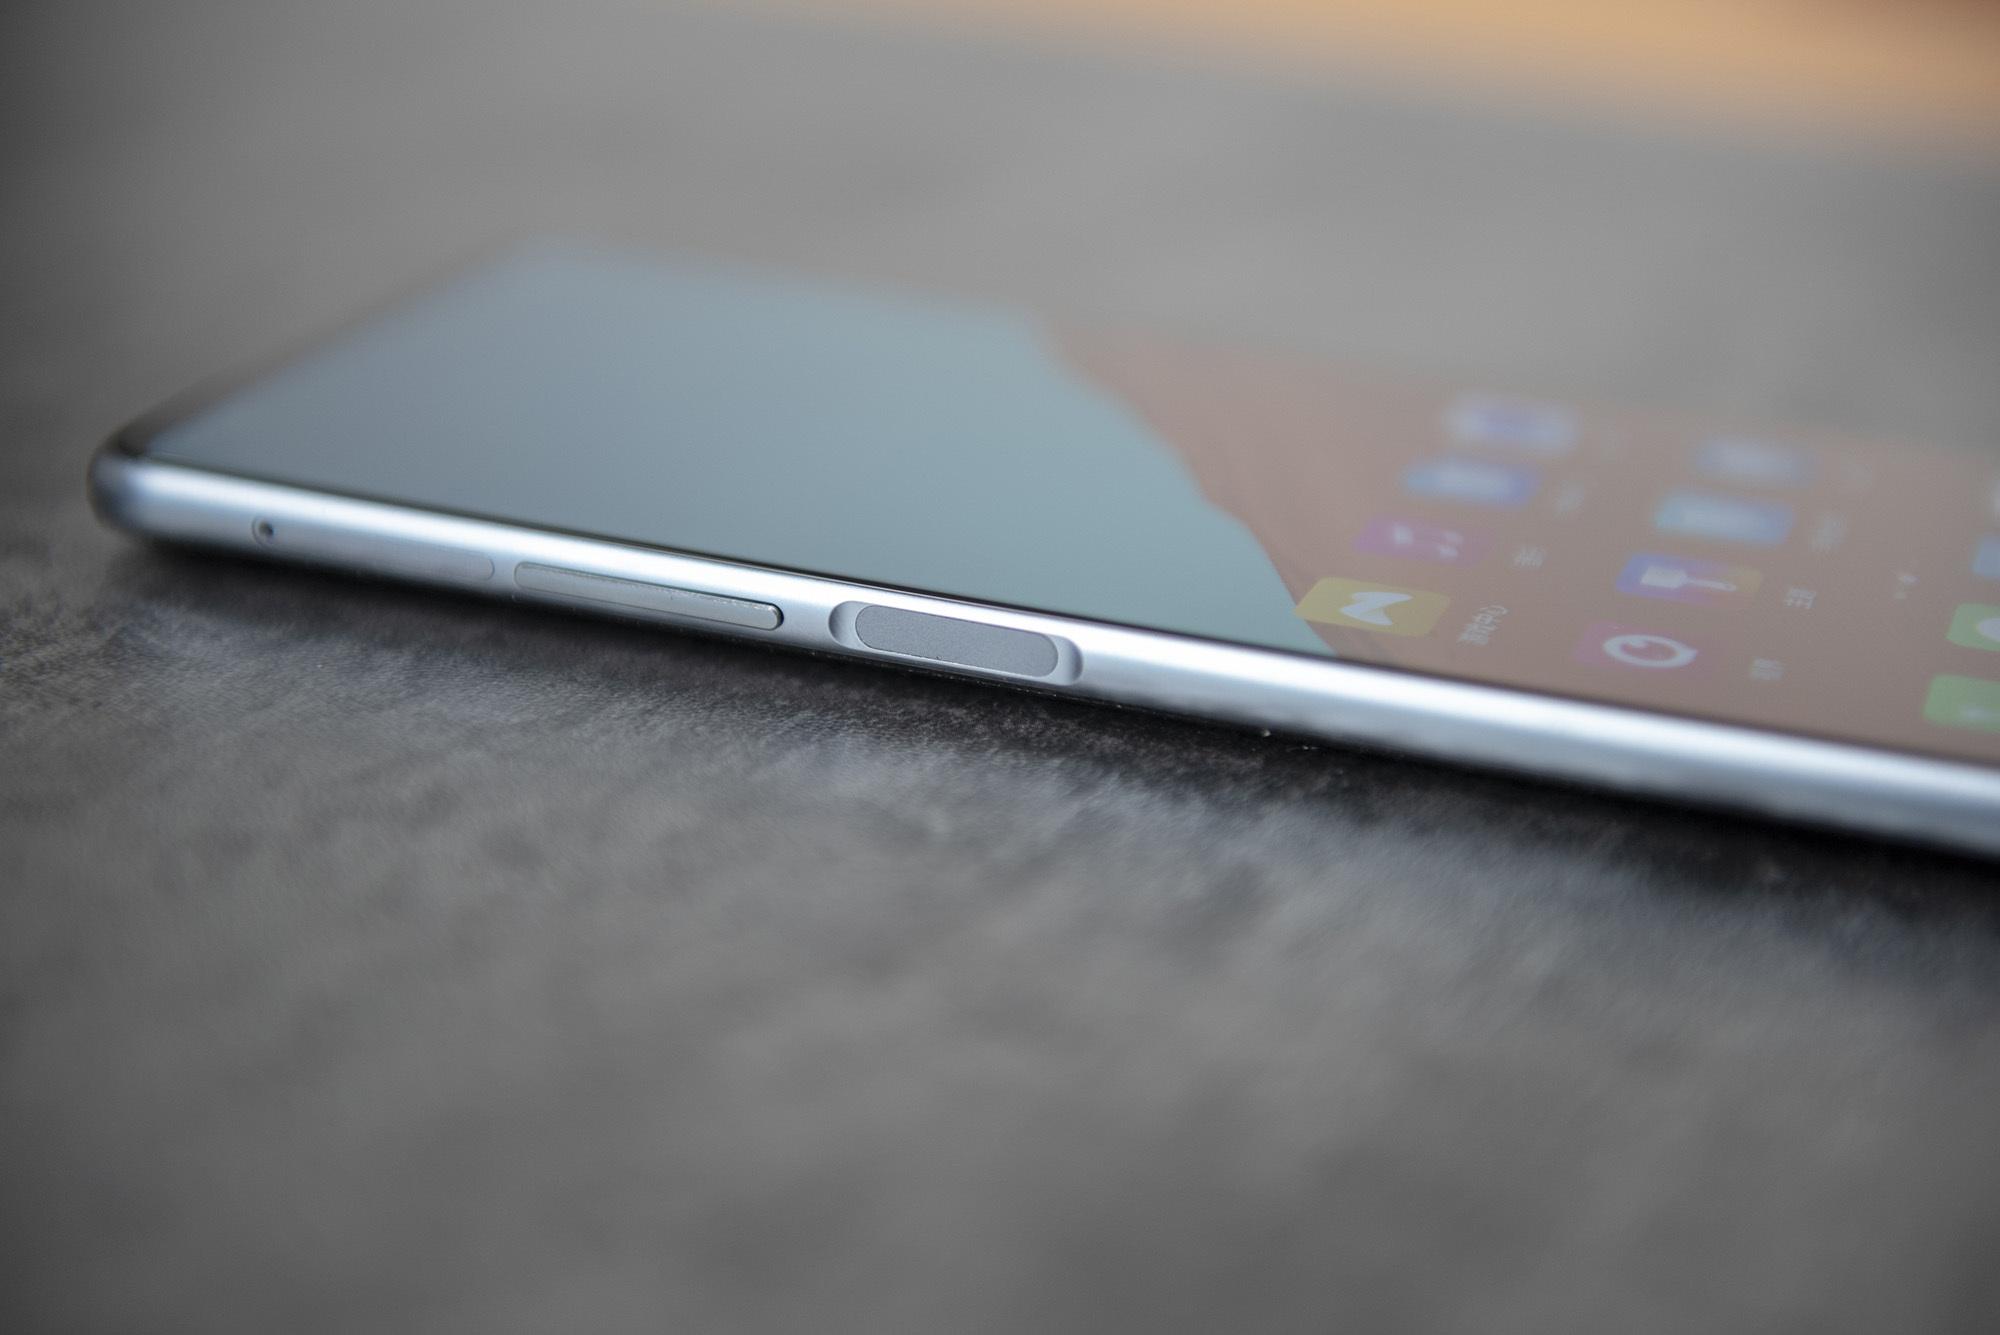 努比亚X上手体验:前后双屏手机真的好用吗?的照片 - 11